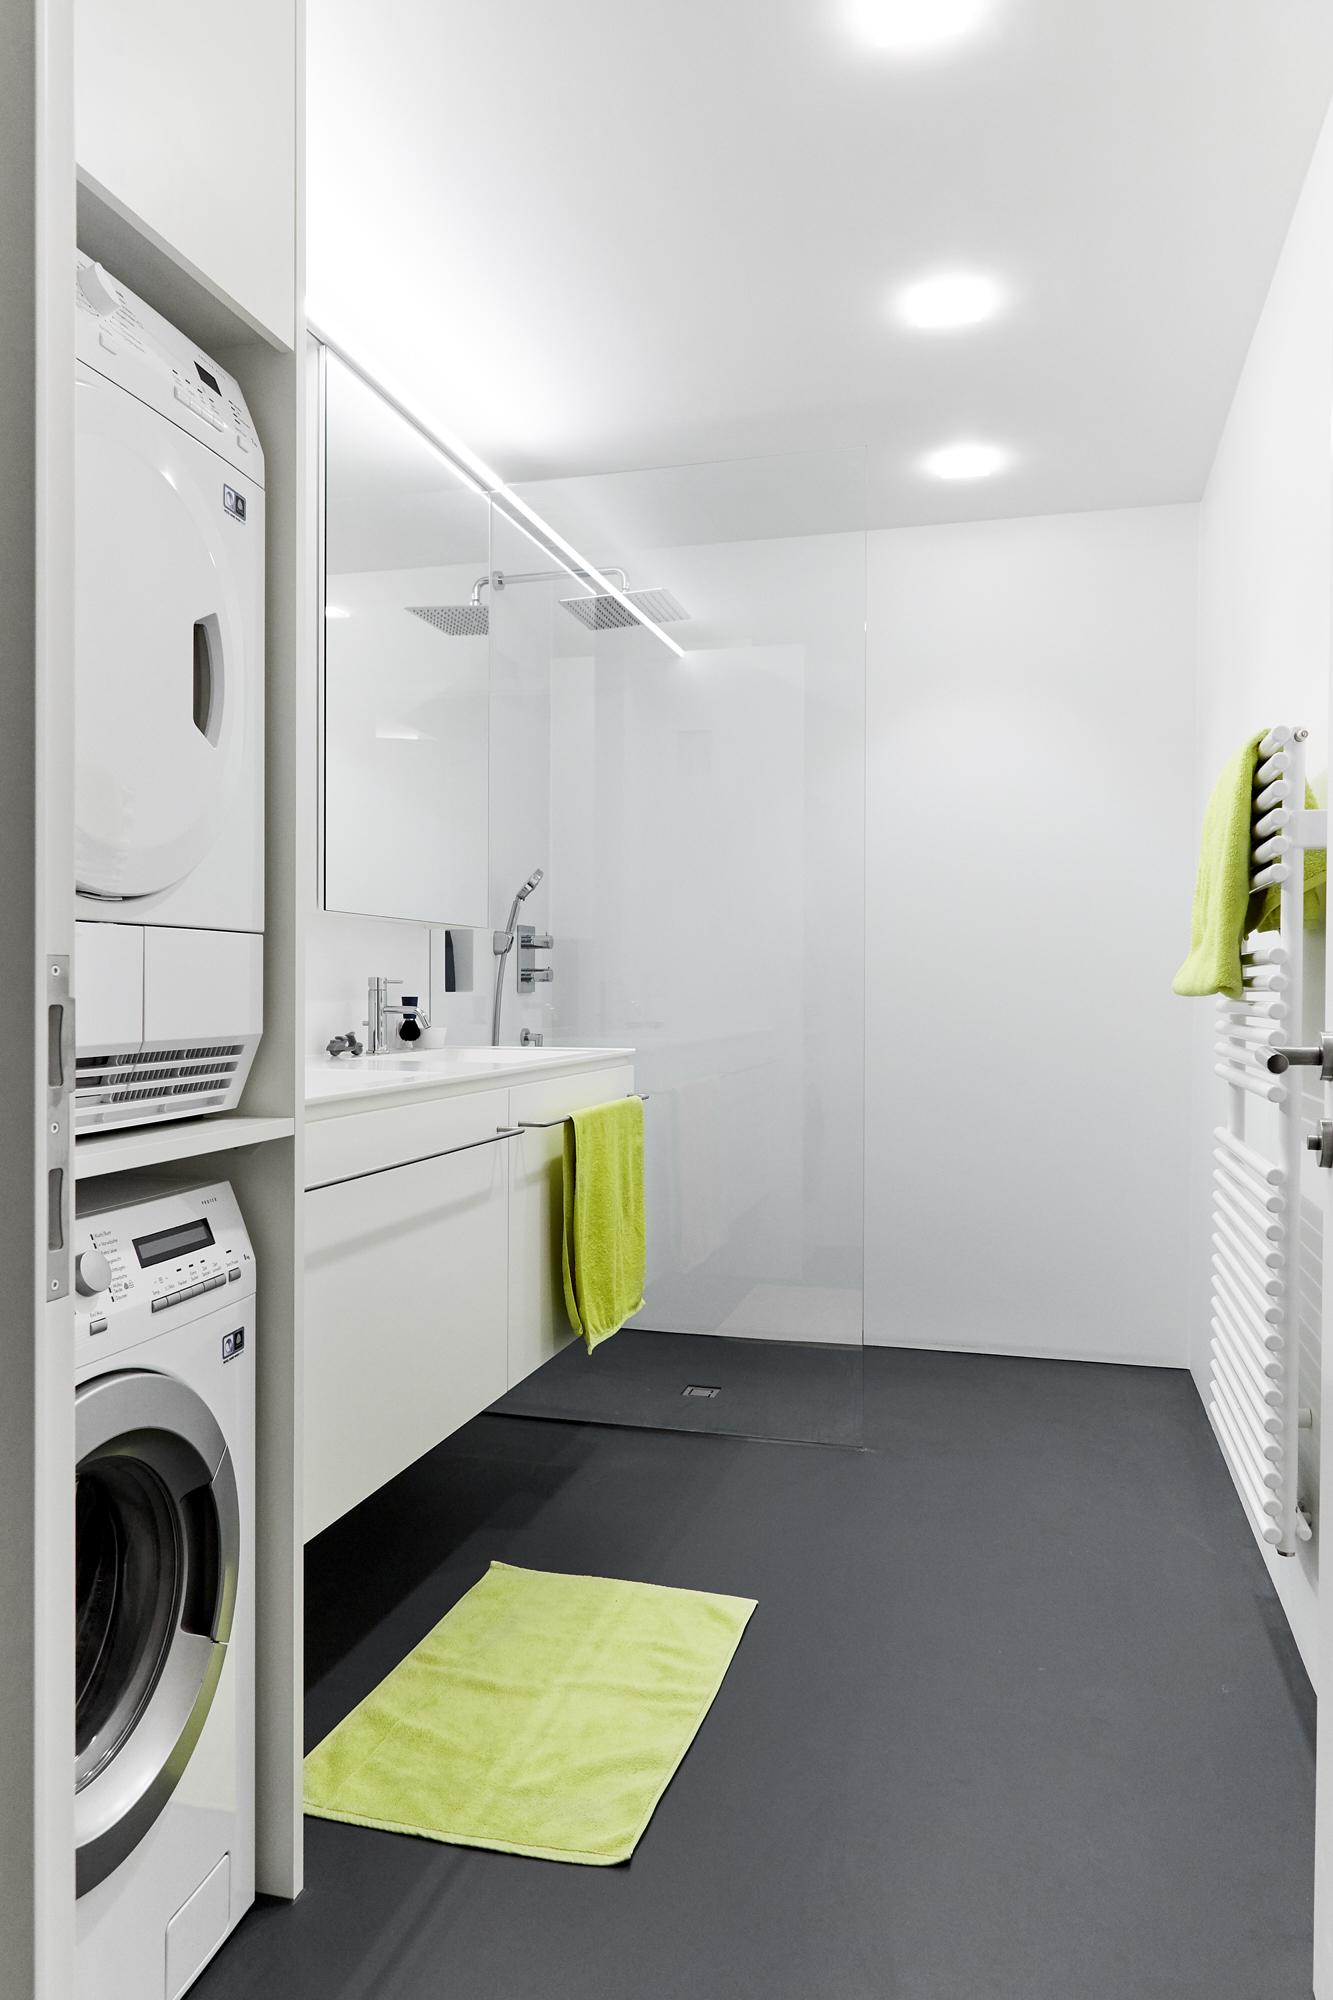 Waschmaschine Trockner Stauraum